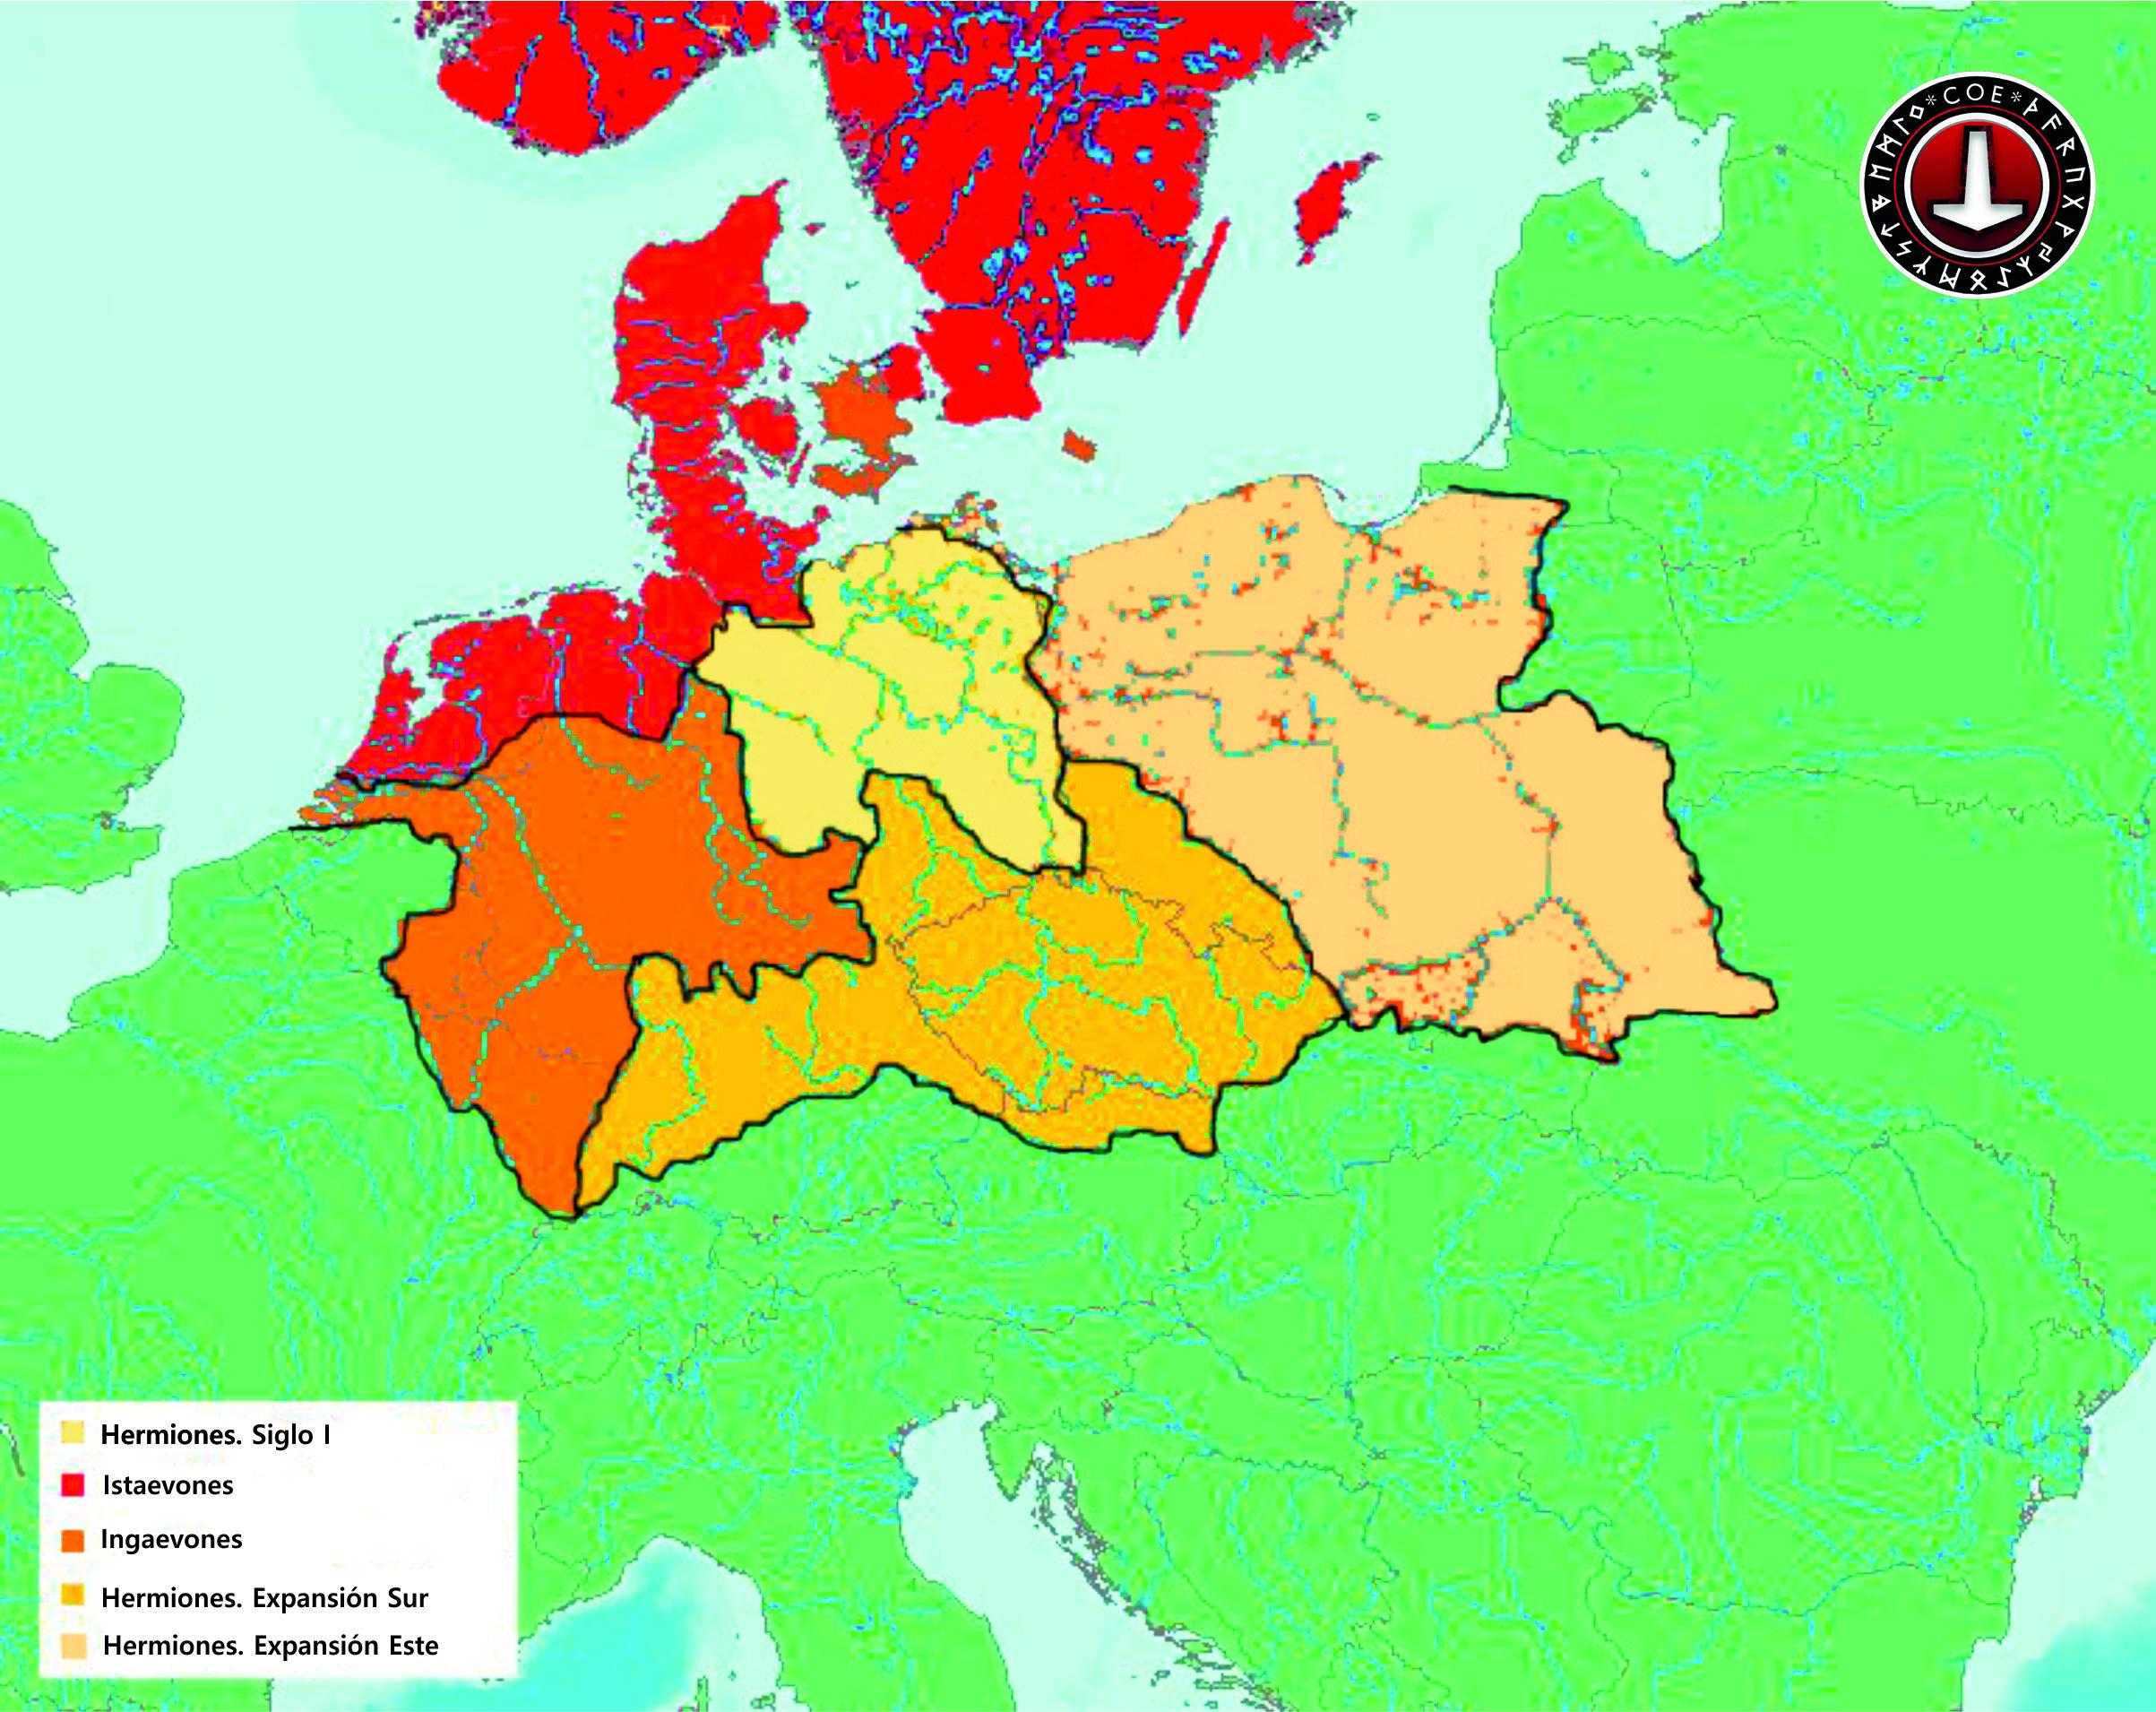 Este mapa muestra la ubicación aproximada de las principales tribus germánicas en Europa, como se menciona en el trabajo de Tácito, la Germania.